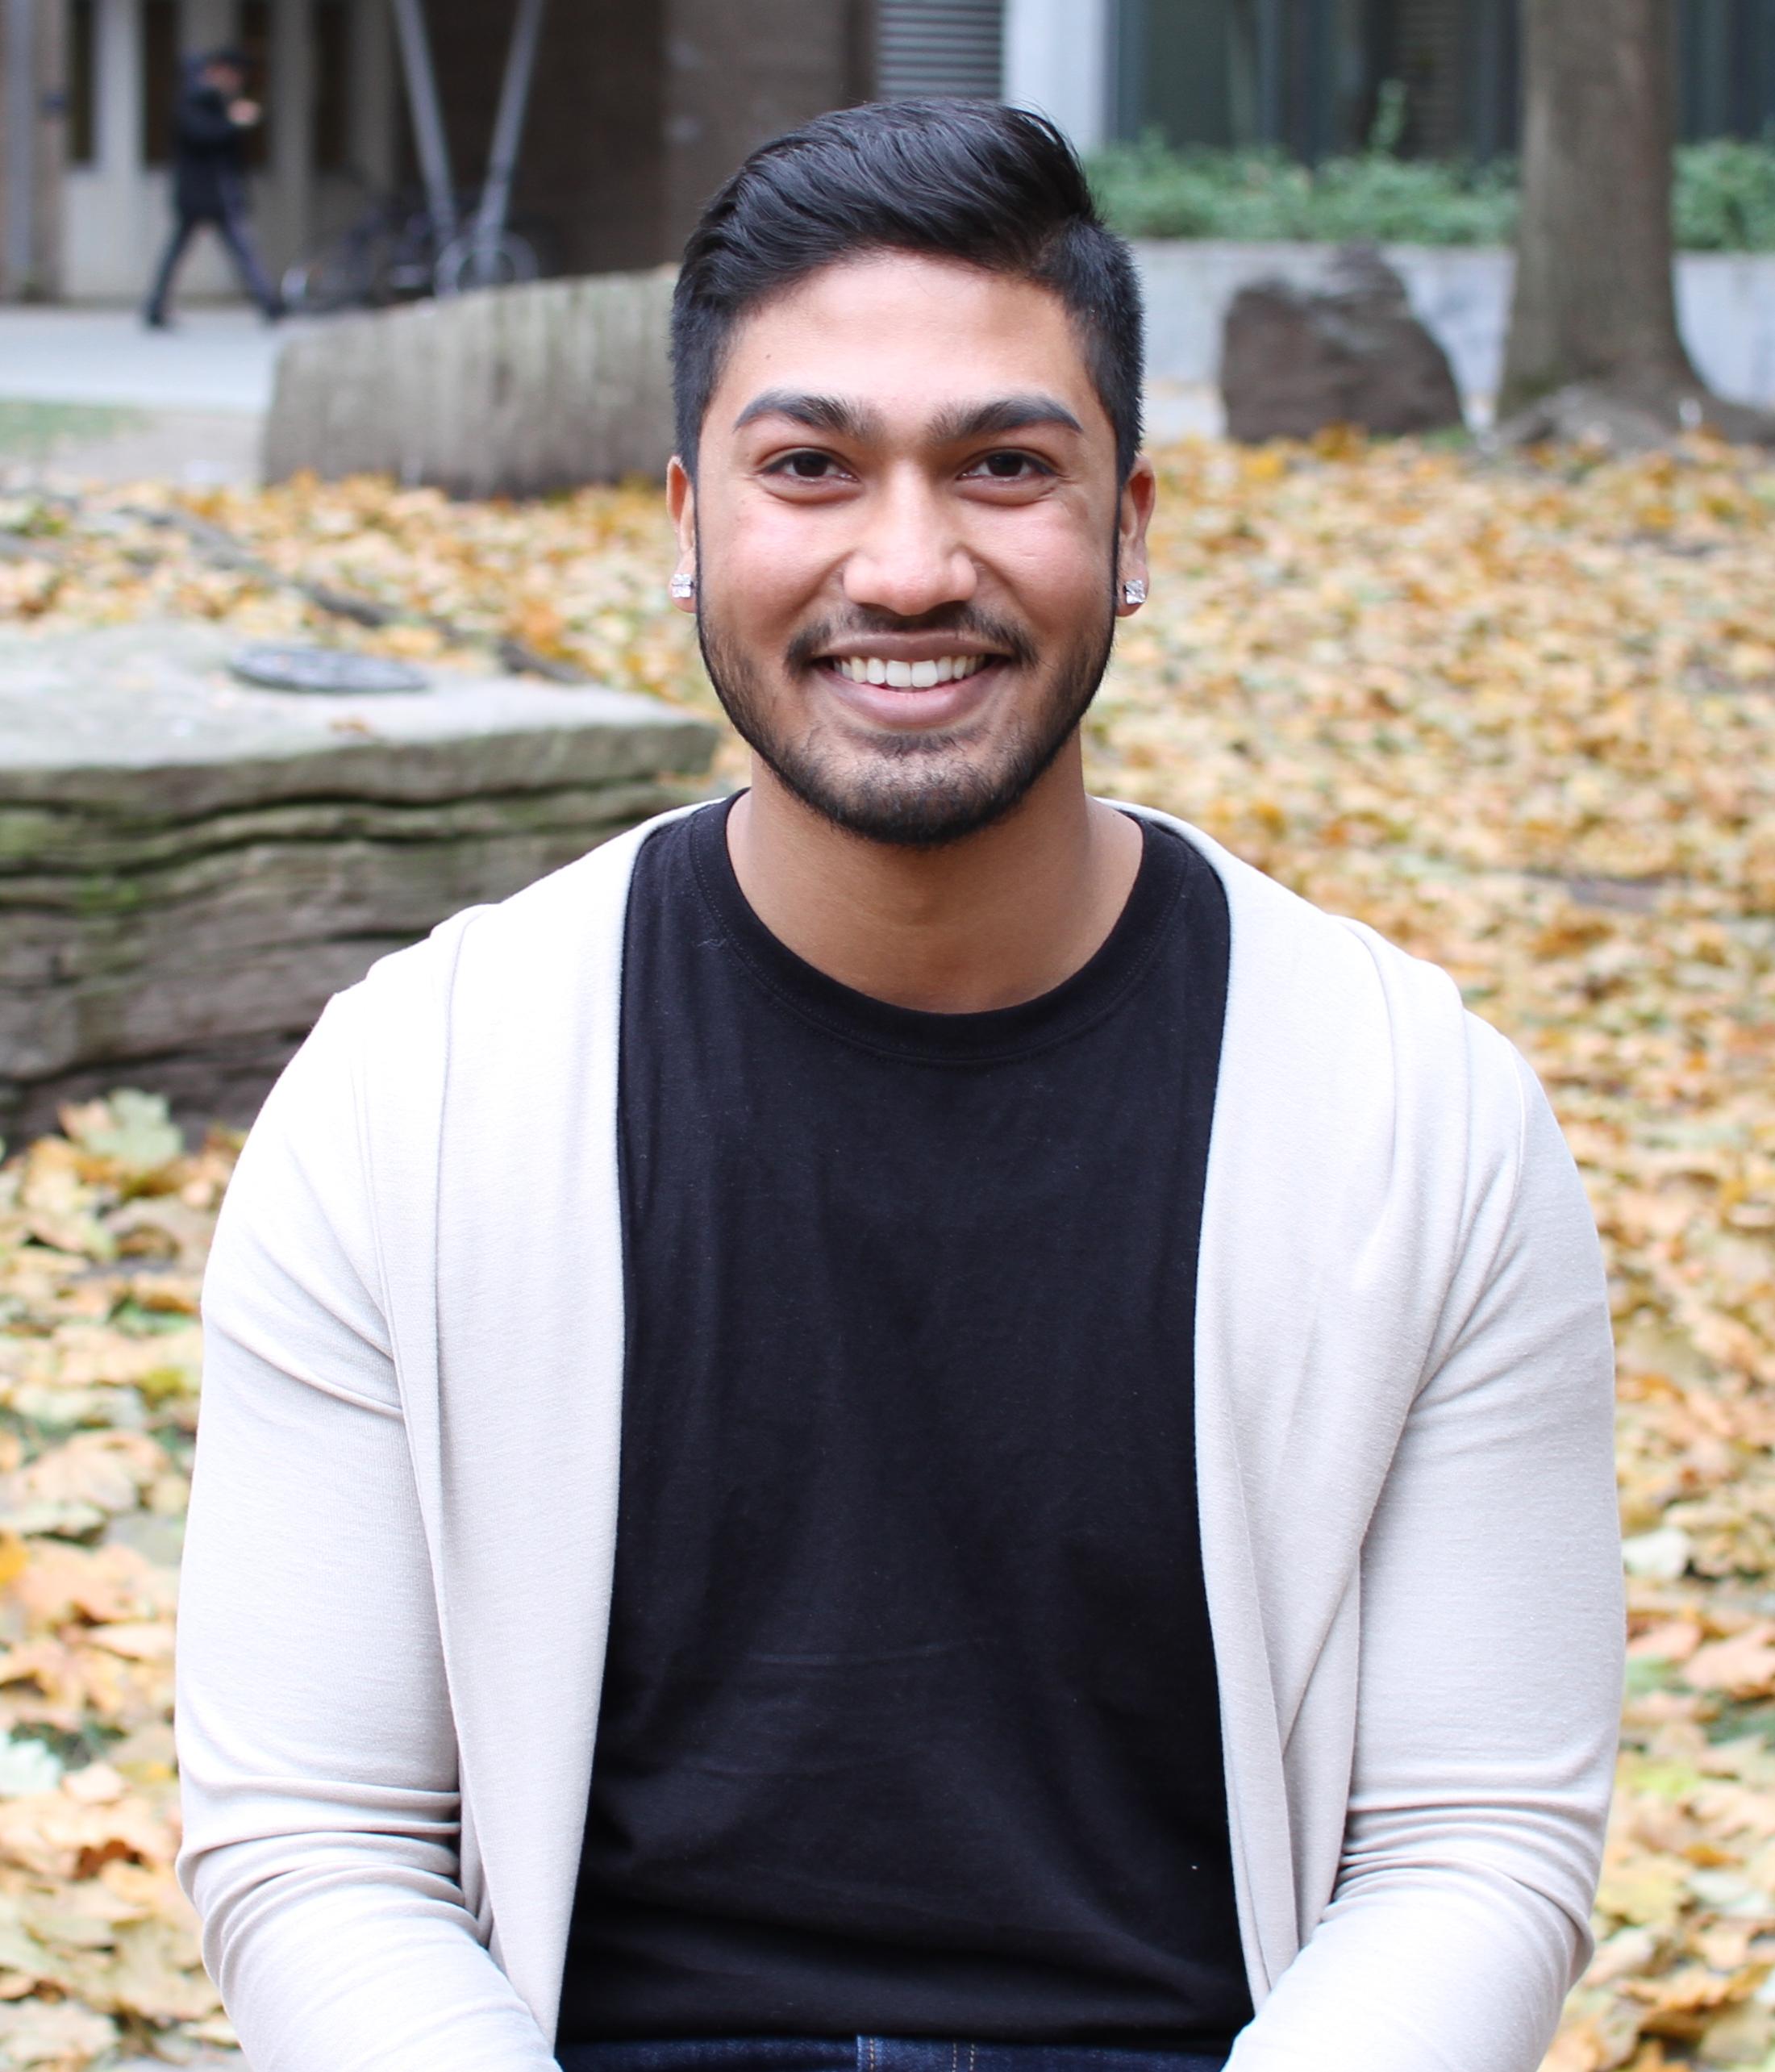 Headshot of Nikhil George outside